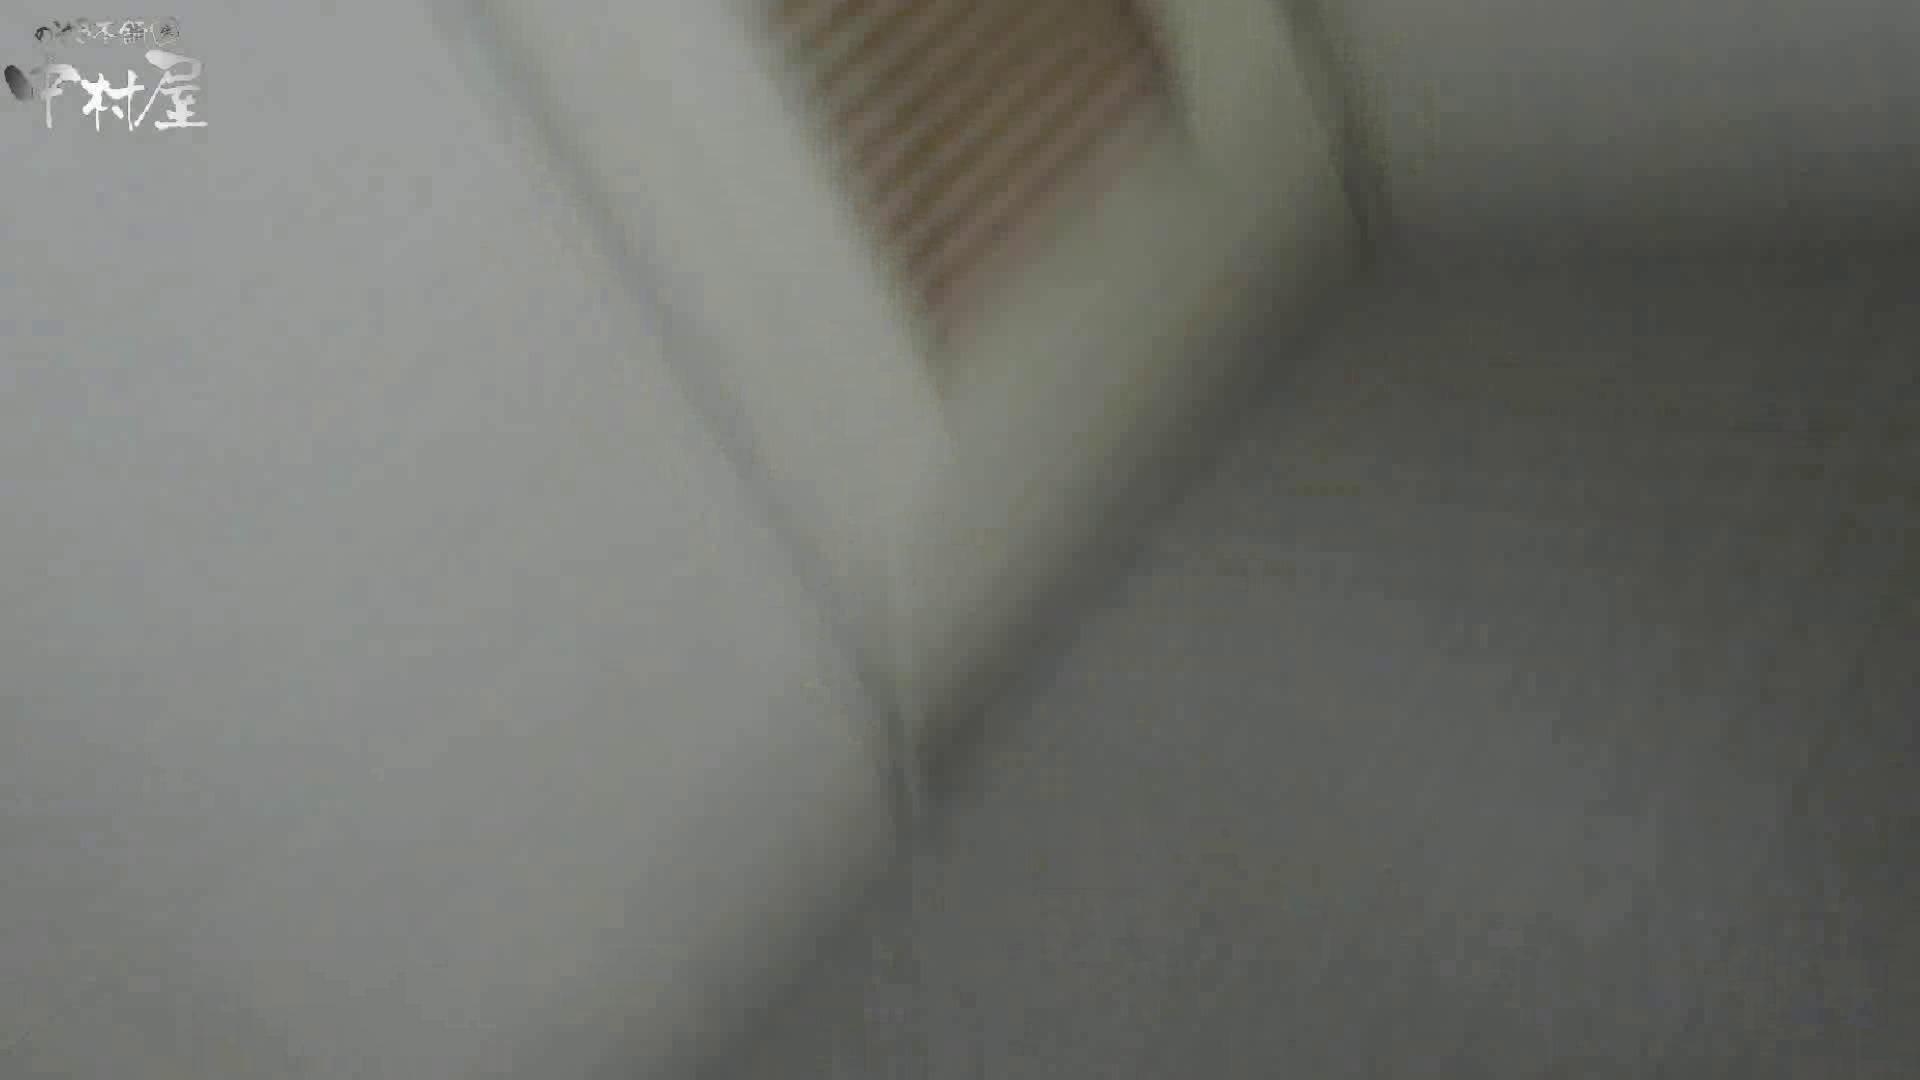 魂のかわや盗撮62連発! ロンハーギャル! 45発目! ギャルのエロ動画 スケベ動画紹介 102PIX 62